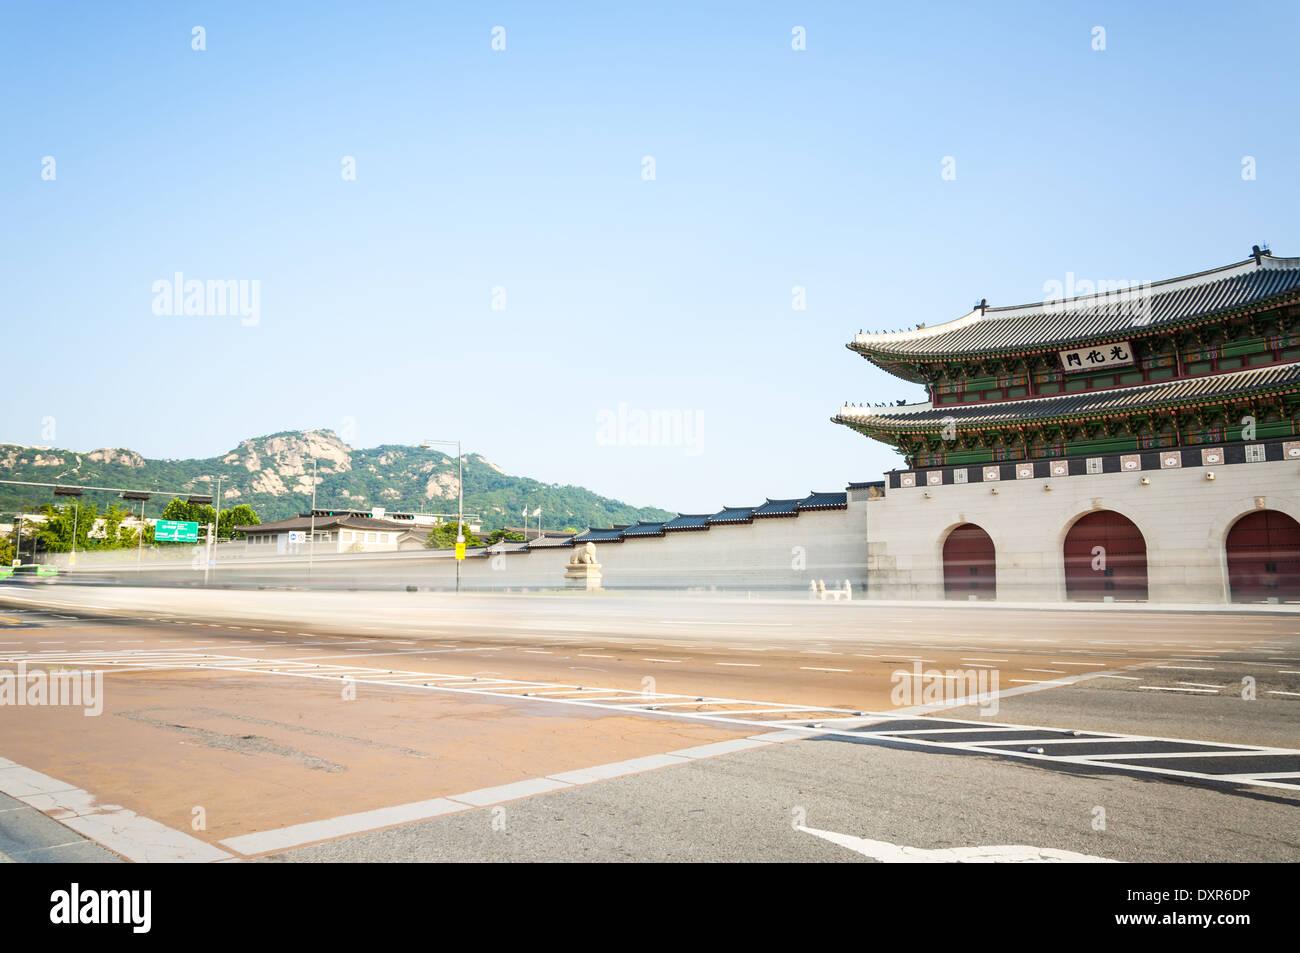 Arquitectura tradicional coreano en el Palacio Gyeongbokgung en Seúl, Corea del Sur. Imagen De Stock